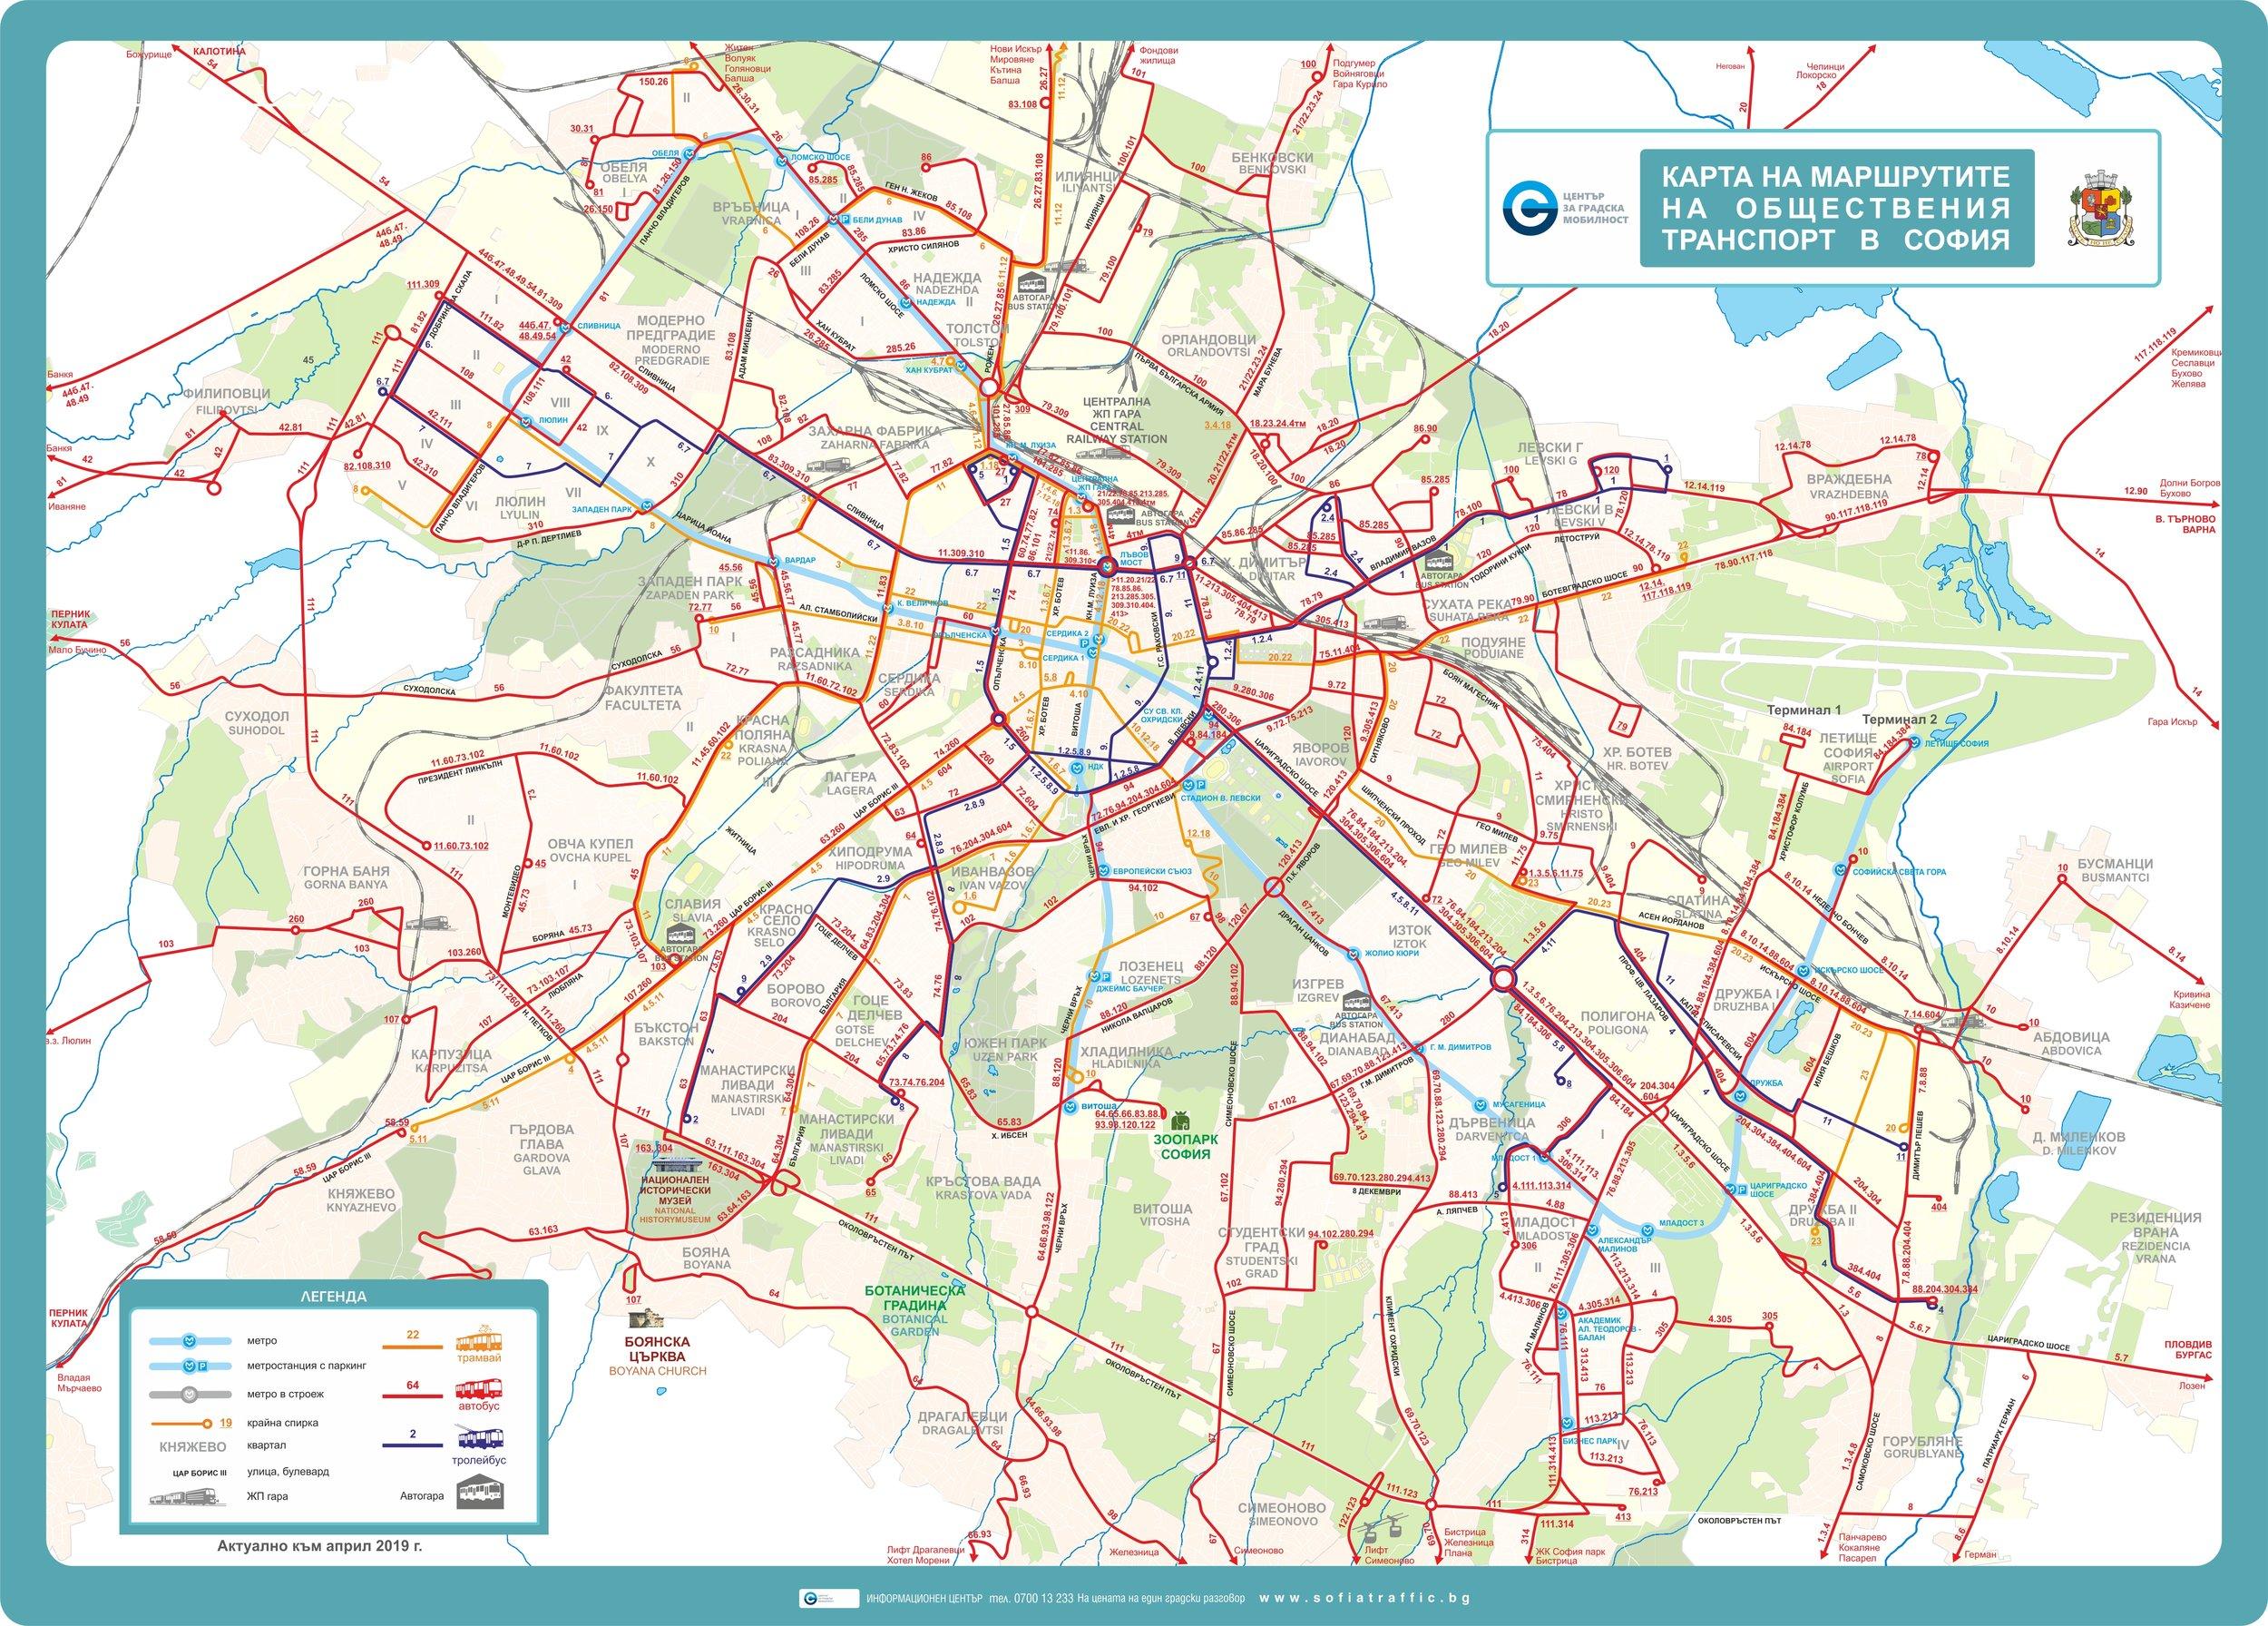 Plán sítě v Sofii, stav k dubnu 2019. Fialově jsou vyznačeny trolejbusové tratě. Letos na jaře otevřený úsek obsluhovaný linkou č. 7 ještě není vyznačen: je umístěn jižně od centra v trase autobusových linek č. 94 a č. 102 (připomíná zrcadlově obrácené písmeno L). Stejně tak není vyznačeno prodloužení linky č. 5 z konečné Ž. K. Mladost-1 na novou konečnou Ž. K. Mladost-2, které se odehrálo loni 14. srpna. (zdroj: Център за градска мобилност)